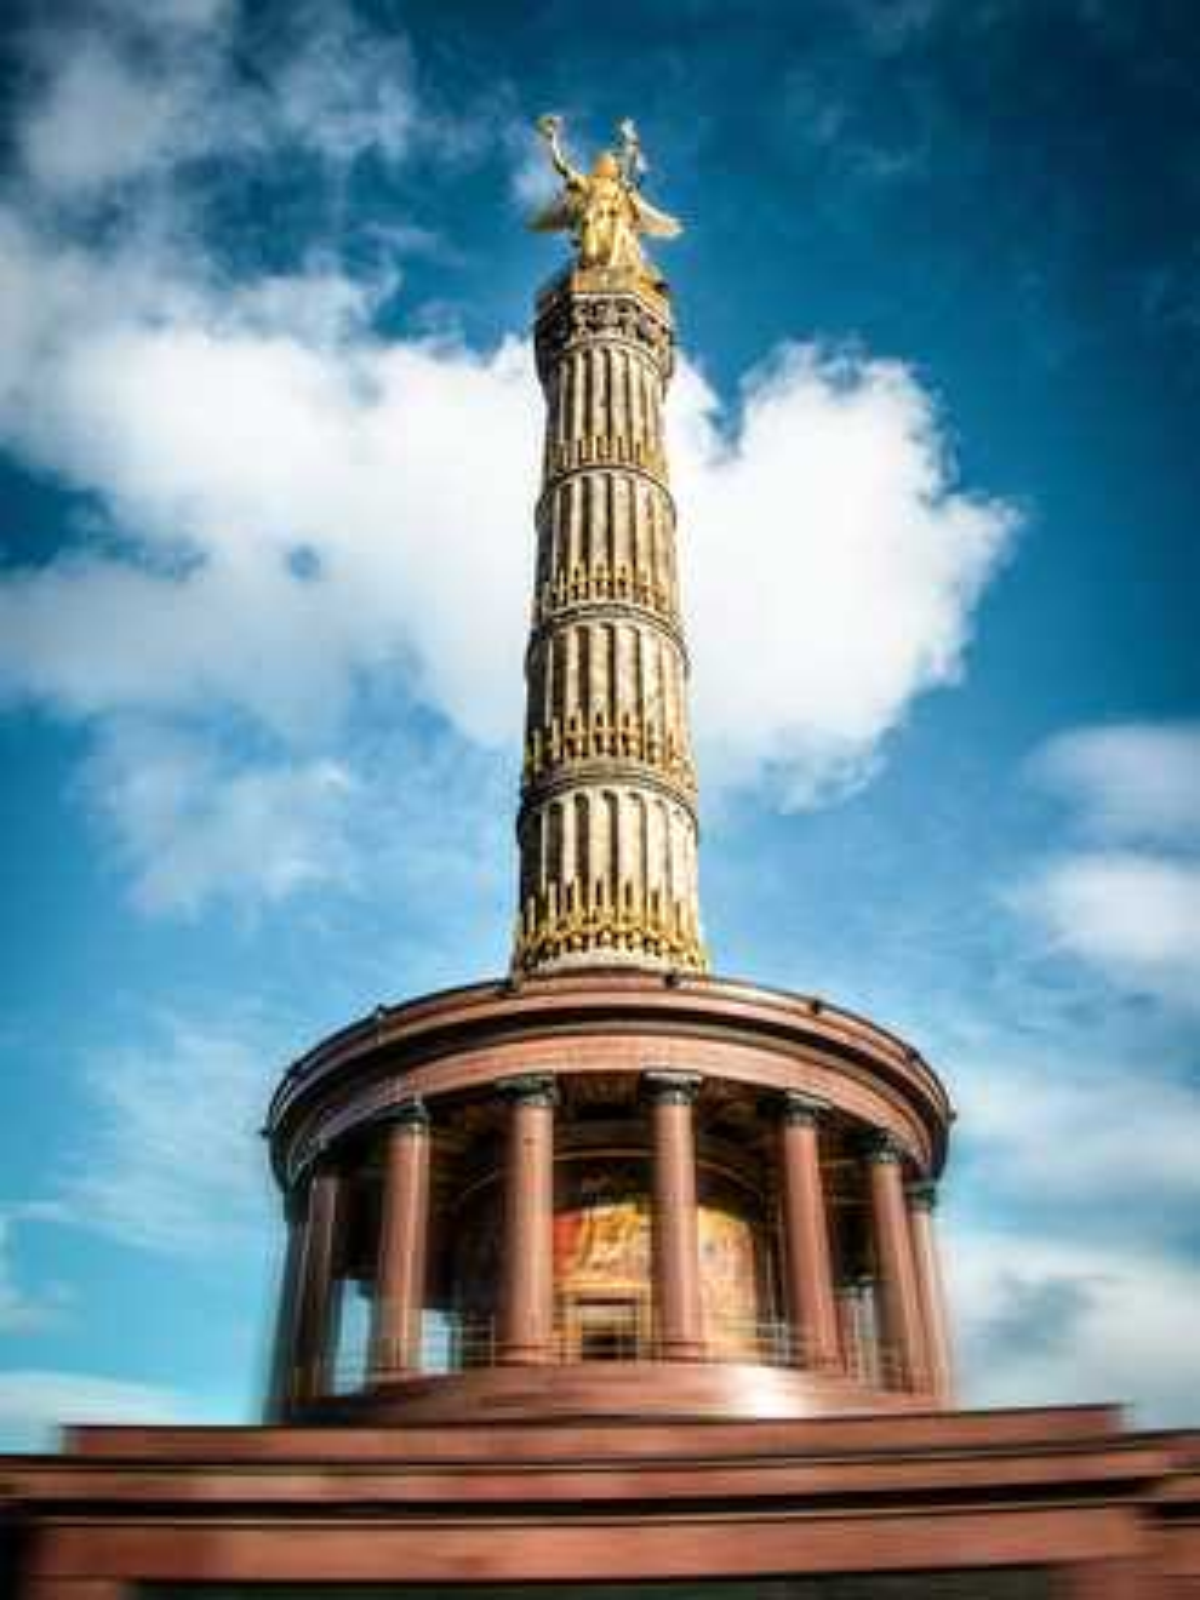 Siegessäule Berlin - Johannes Weinsheimer